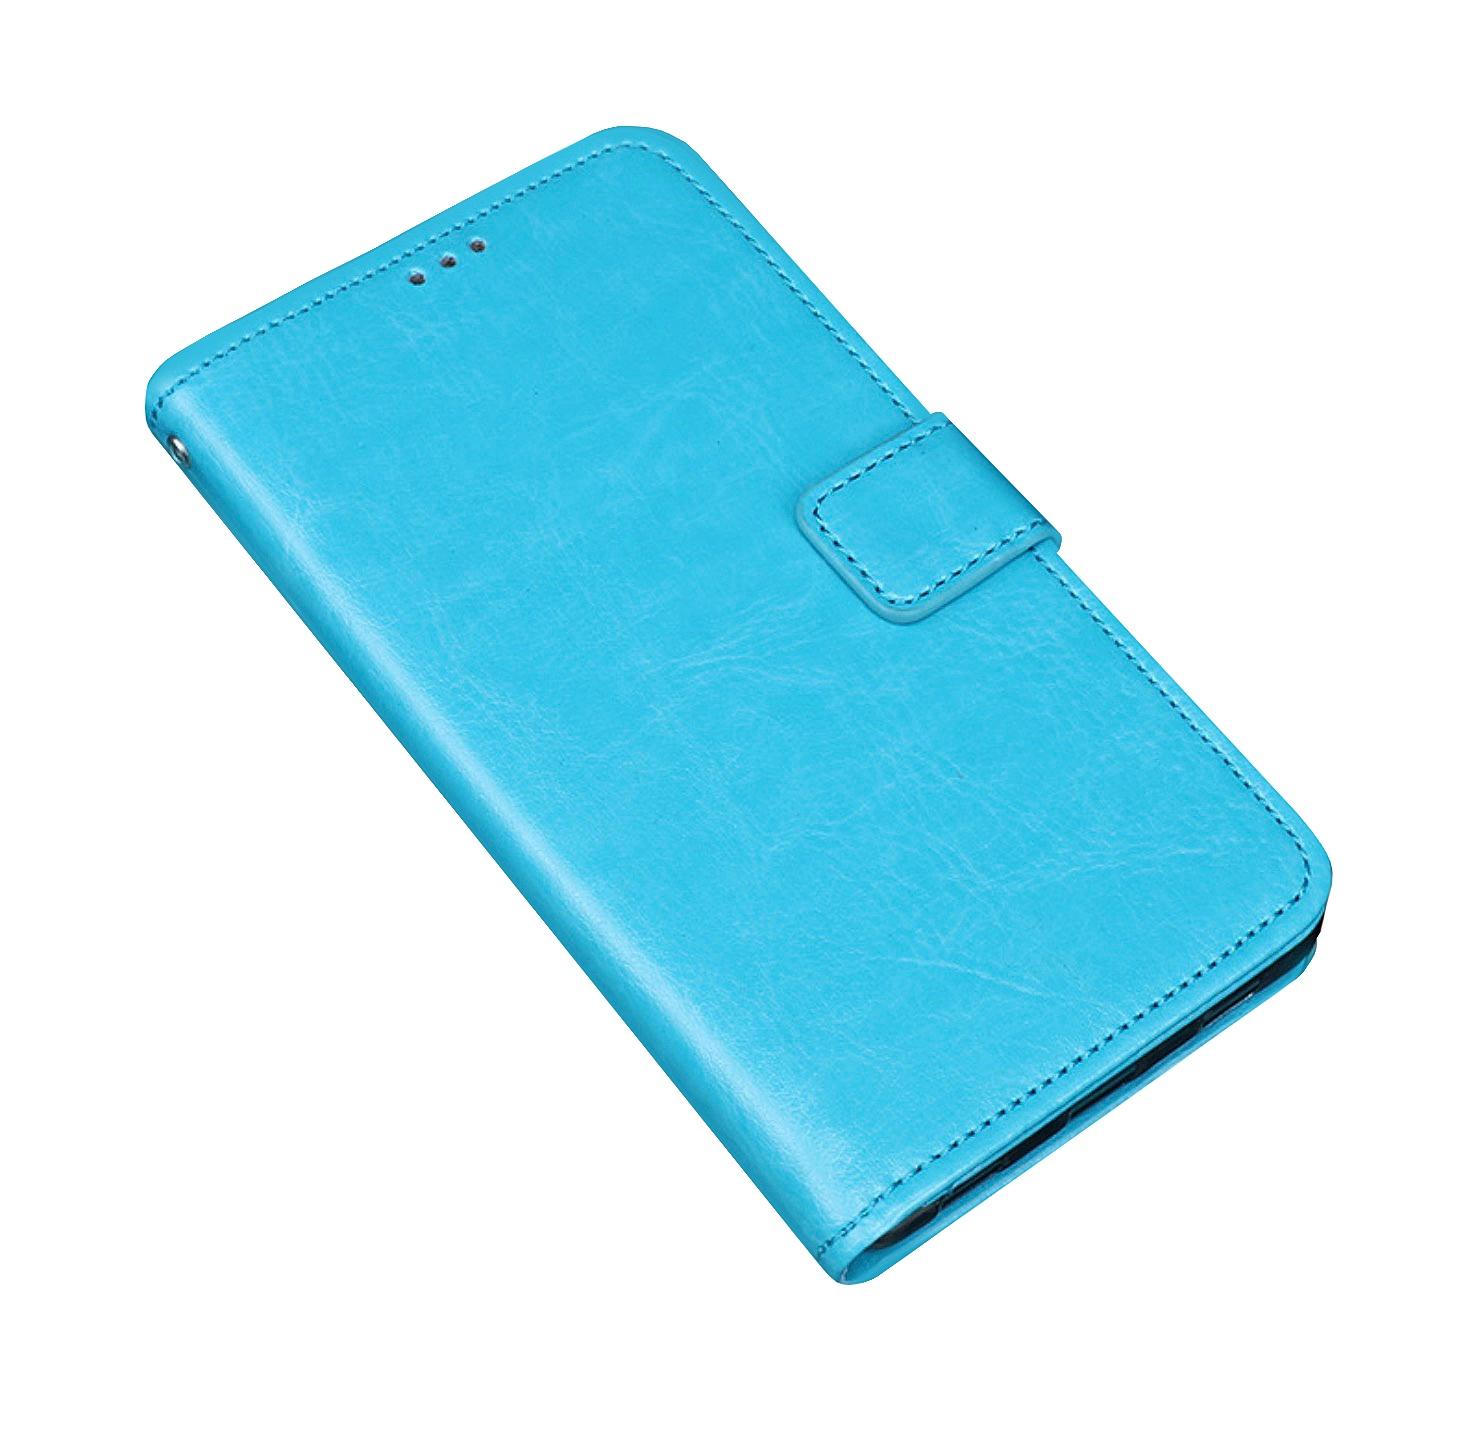 Чехол MyPads для Xiaomi Redmi Note 7 с мульти-подставкой застёжкой и визитницей бирюзовый